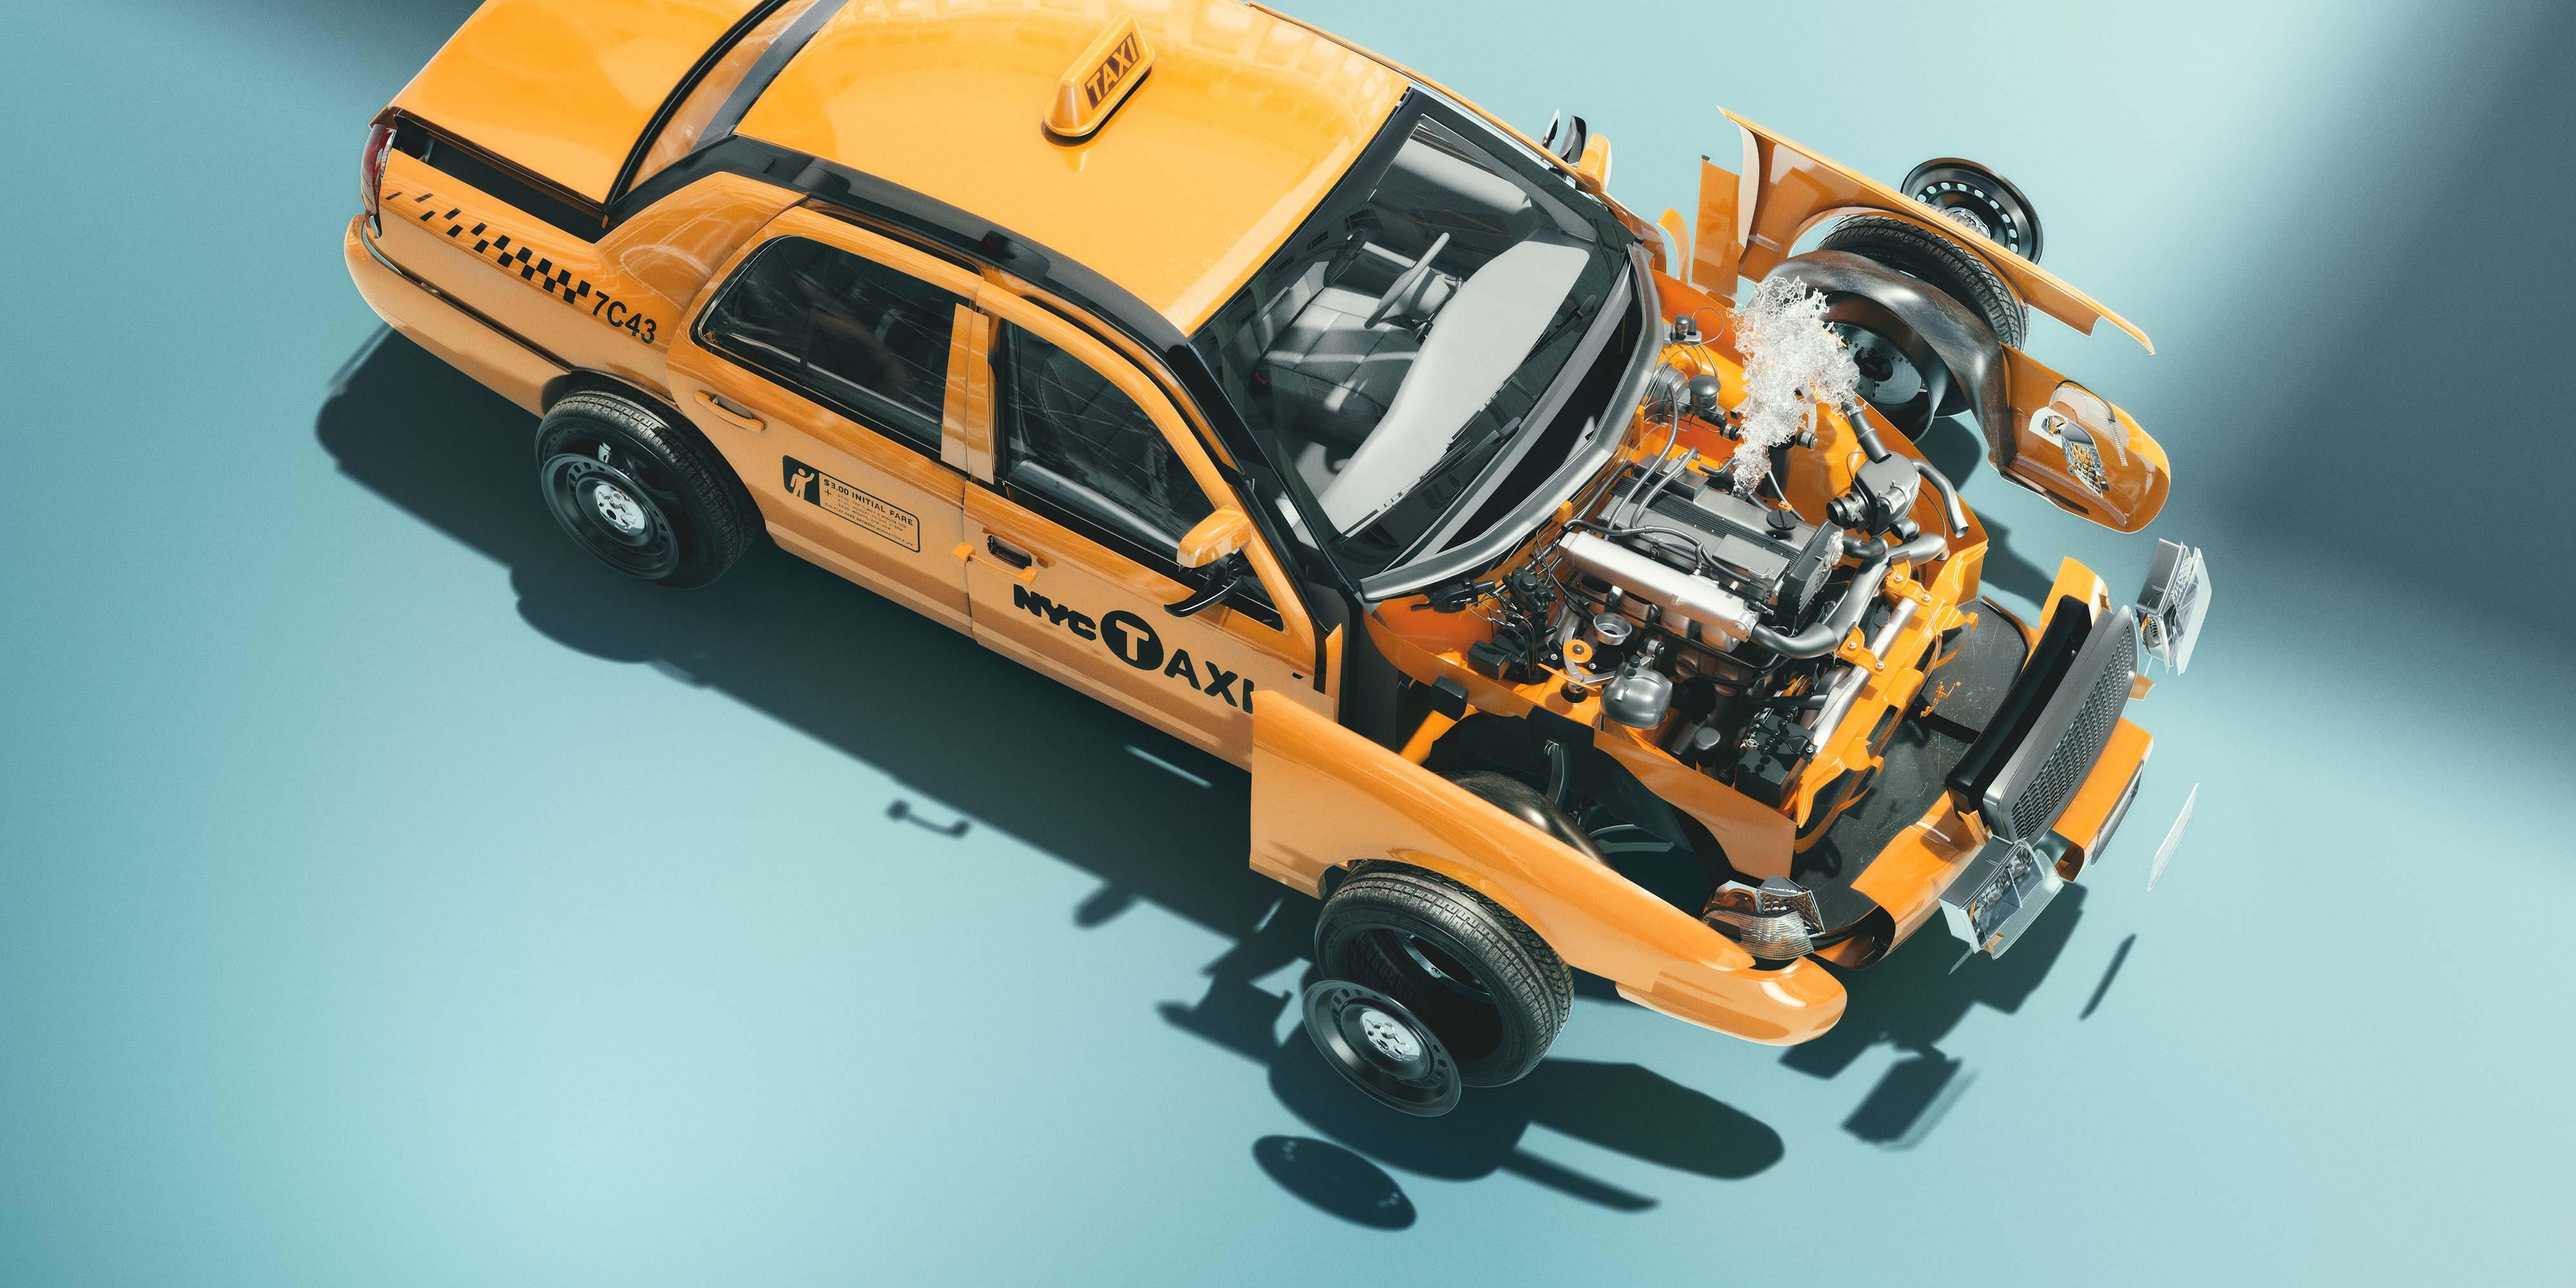 Förnybar diesel med hög prestanda, tillverkad av 100% förnybara råmaterial, är ett alternativ som kan ersätta fossila bränslen och som finns tillgänglig redan idag.